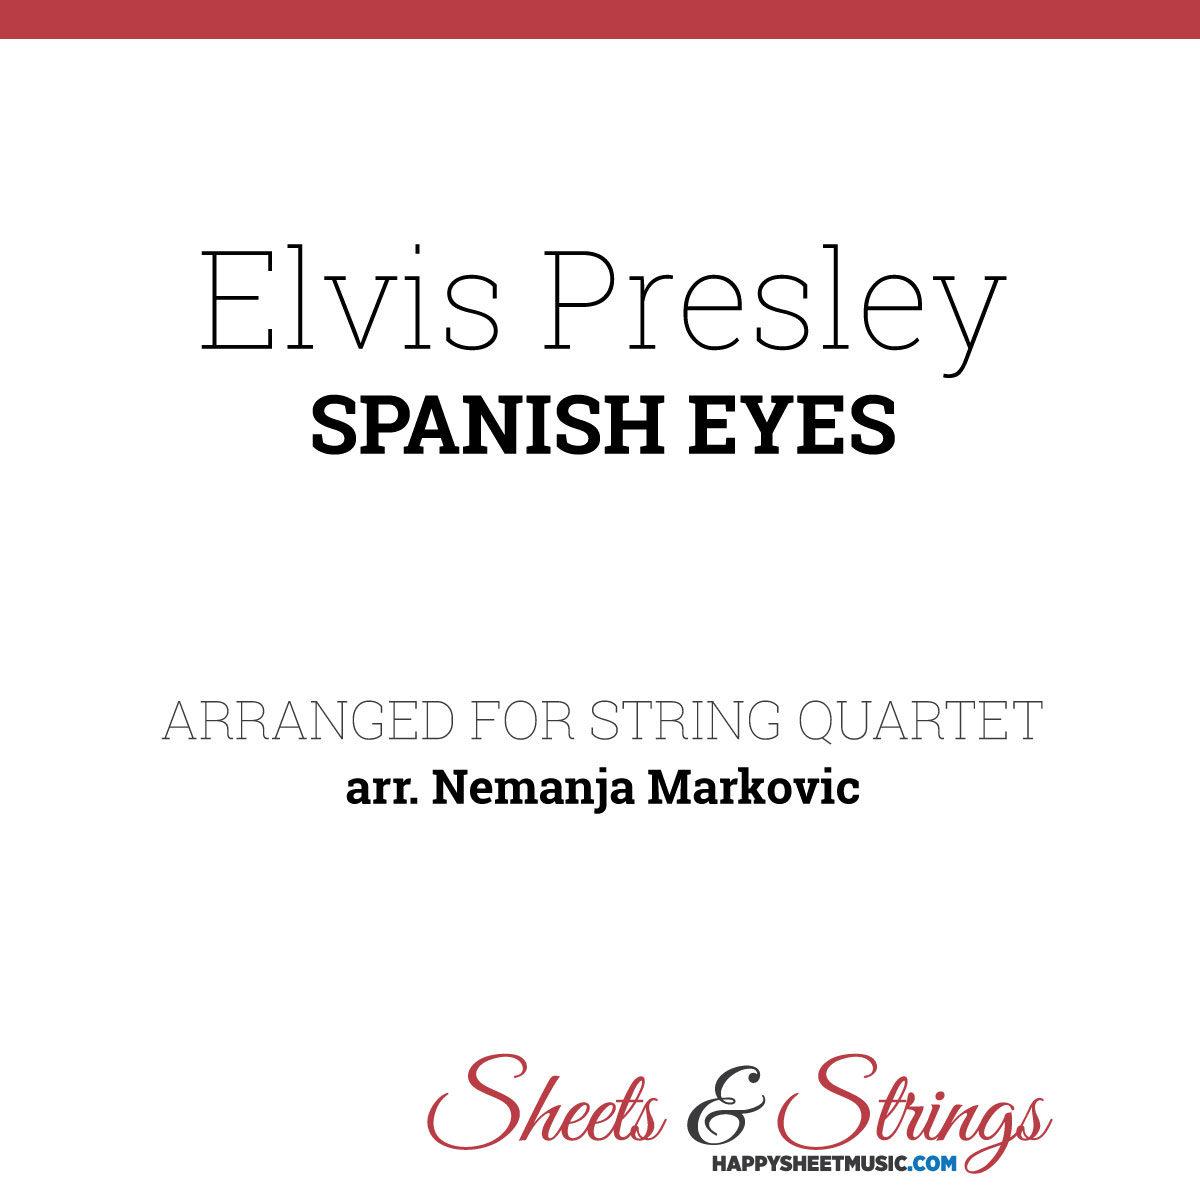 Elvis Presley - Spanish Eyes - Sheet Music for String Quartet - Music Arrangement for String Quartet